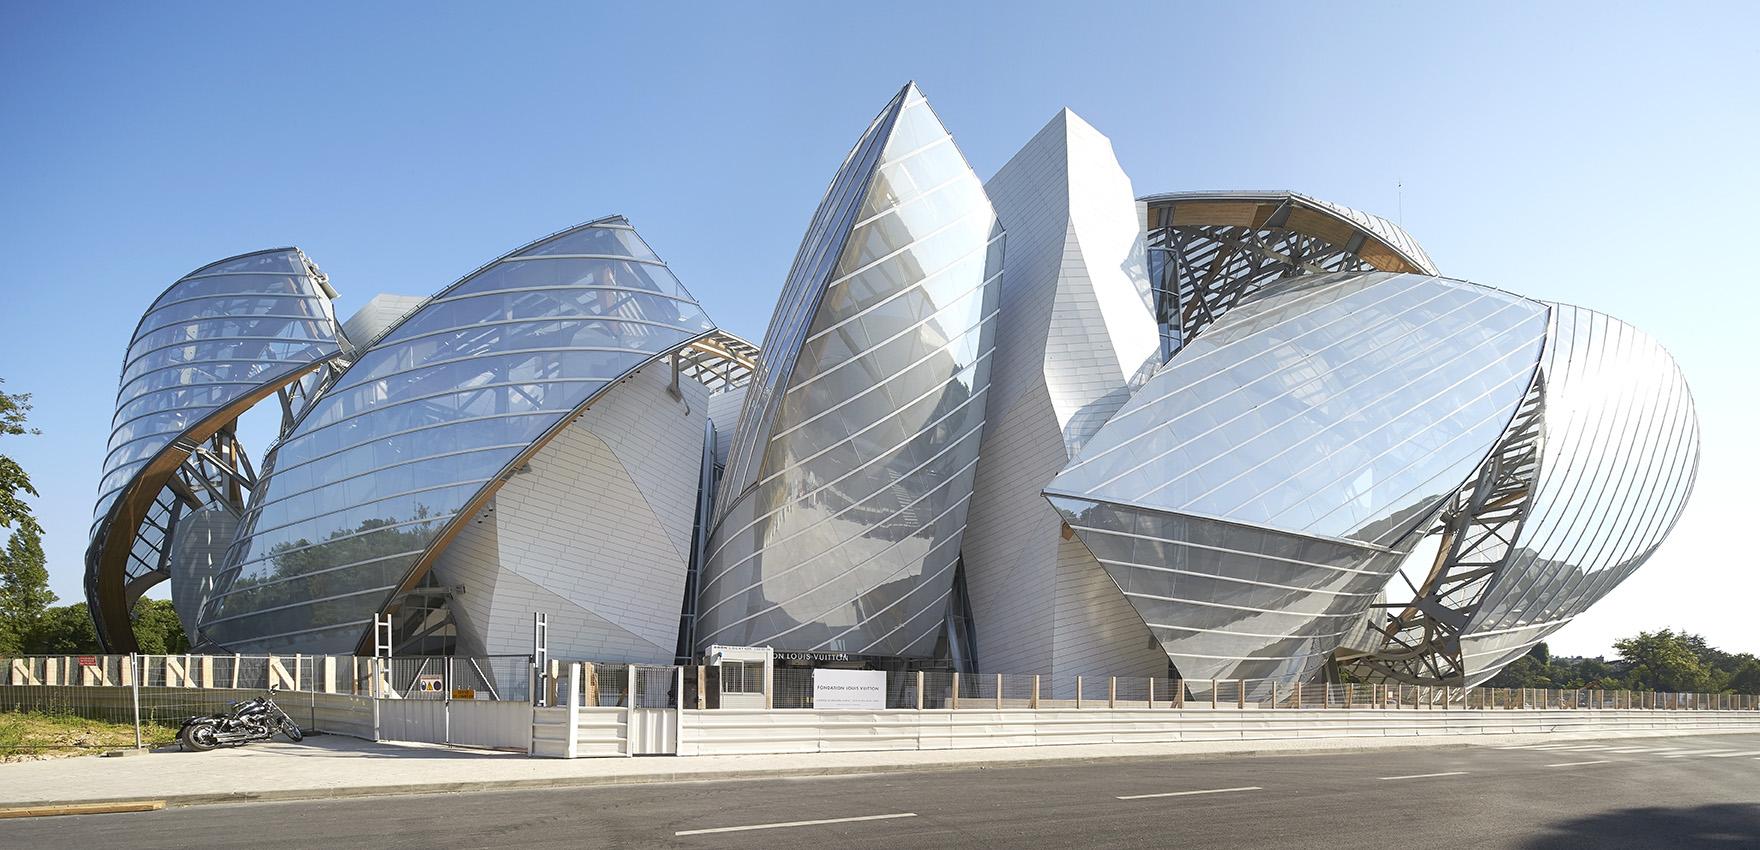 موزهای که به بادها تکیه میزند+تصاویر